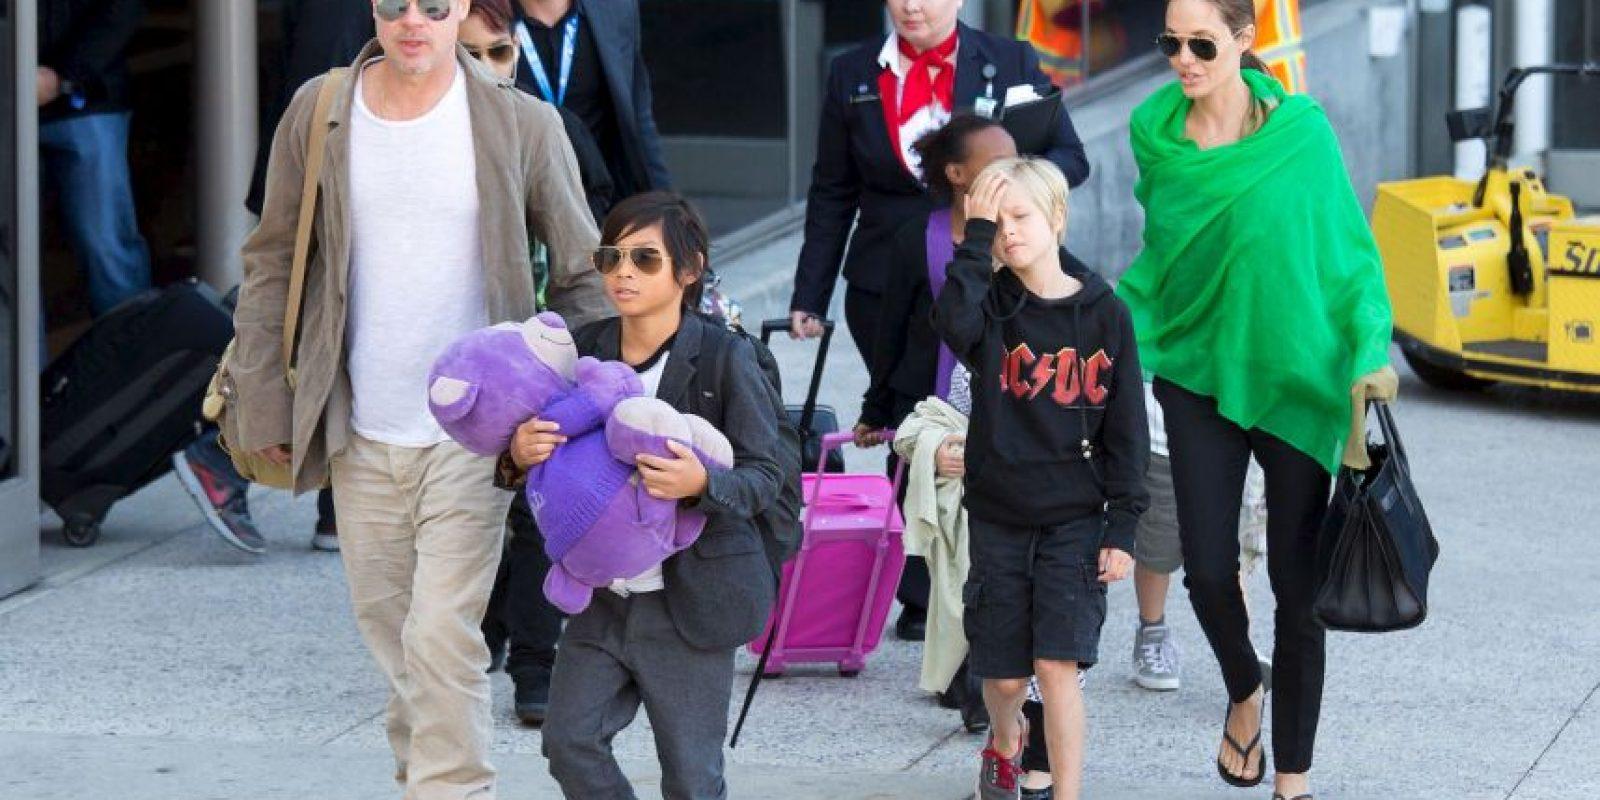 El actor es investigado por maltratar a sus hijos Foto:Grosby Group